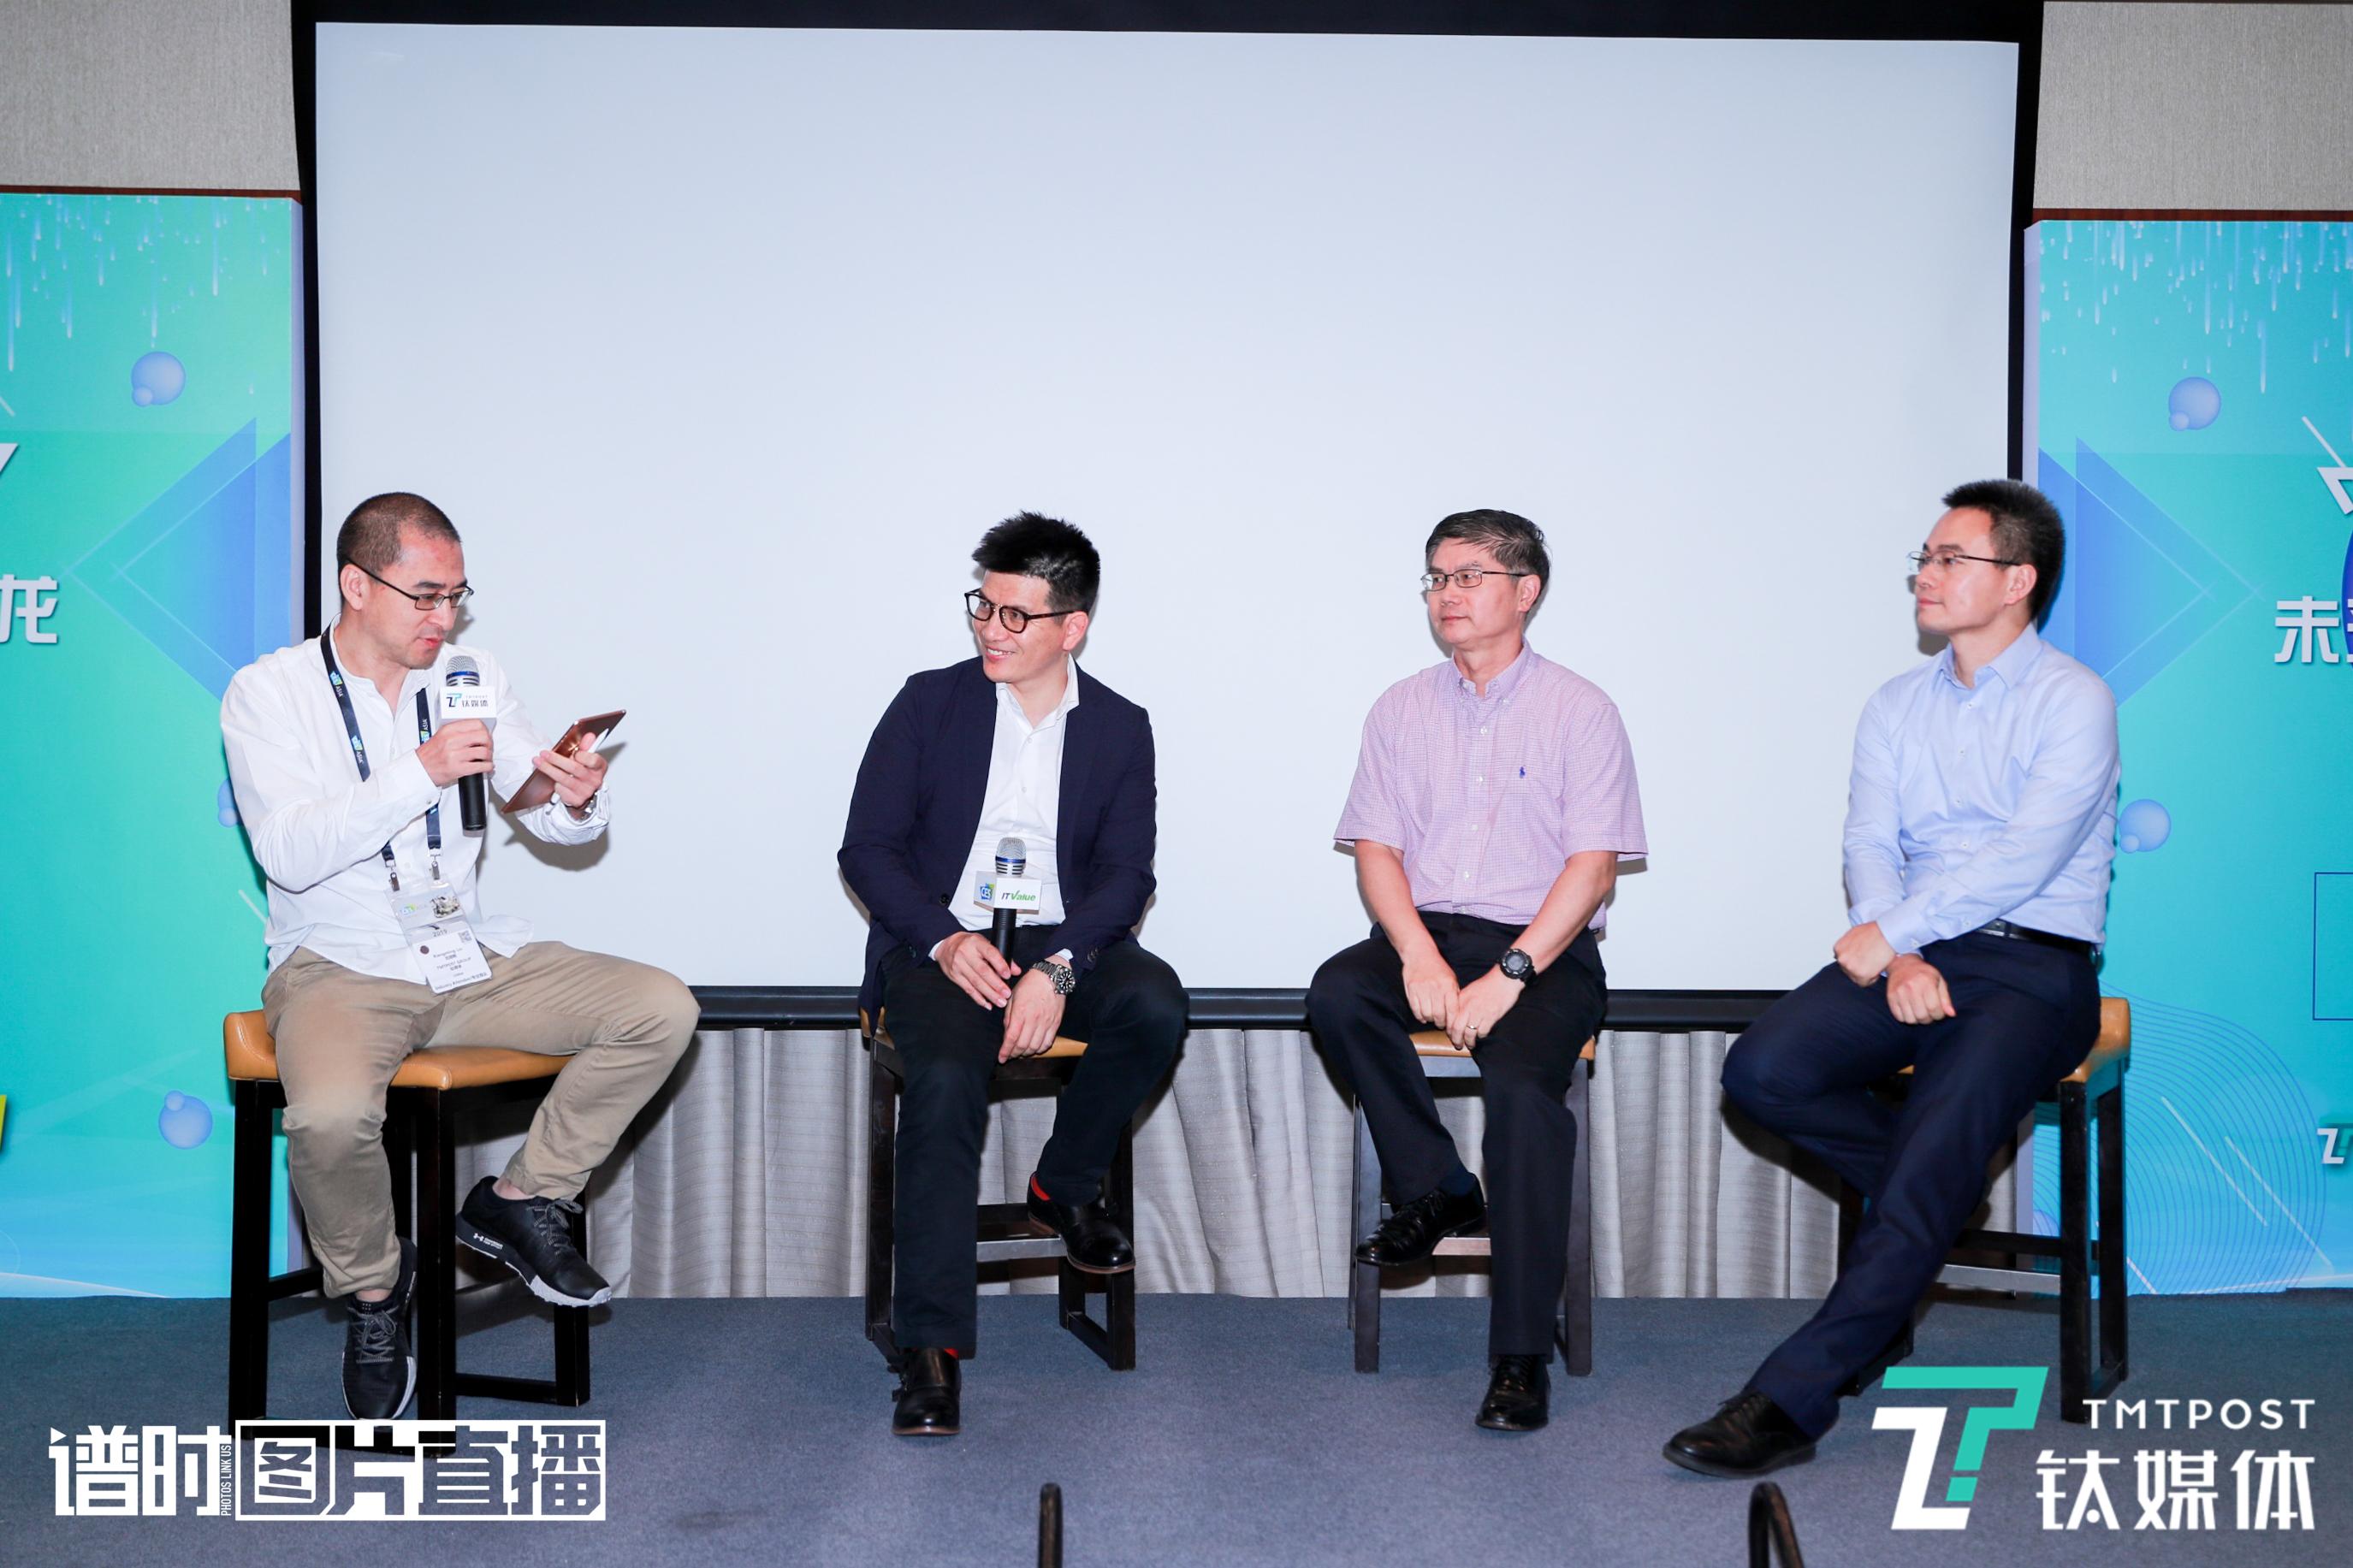 劉湘明對話三位出行領域大咖,暢談5G時代的智能網聯 | CESA 2019